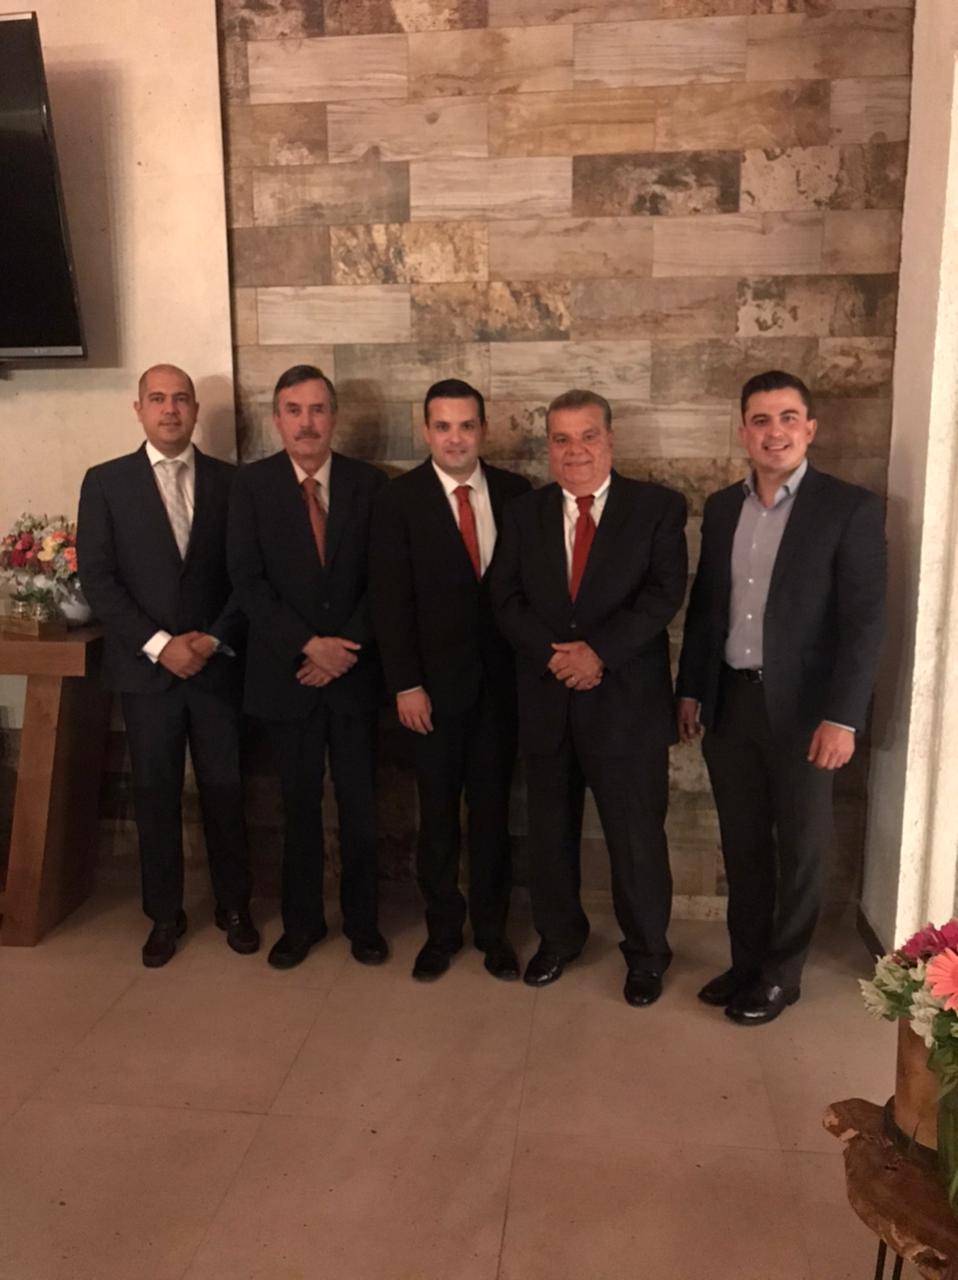 Luis Aguilar, Sergio Garza Orta, Sergio Garza Mireles, Rey Pereznegrón y Fabián Núñez.